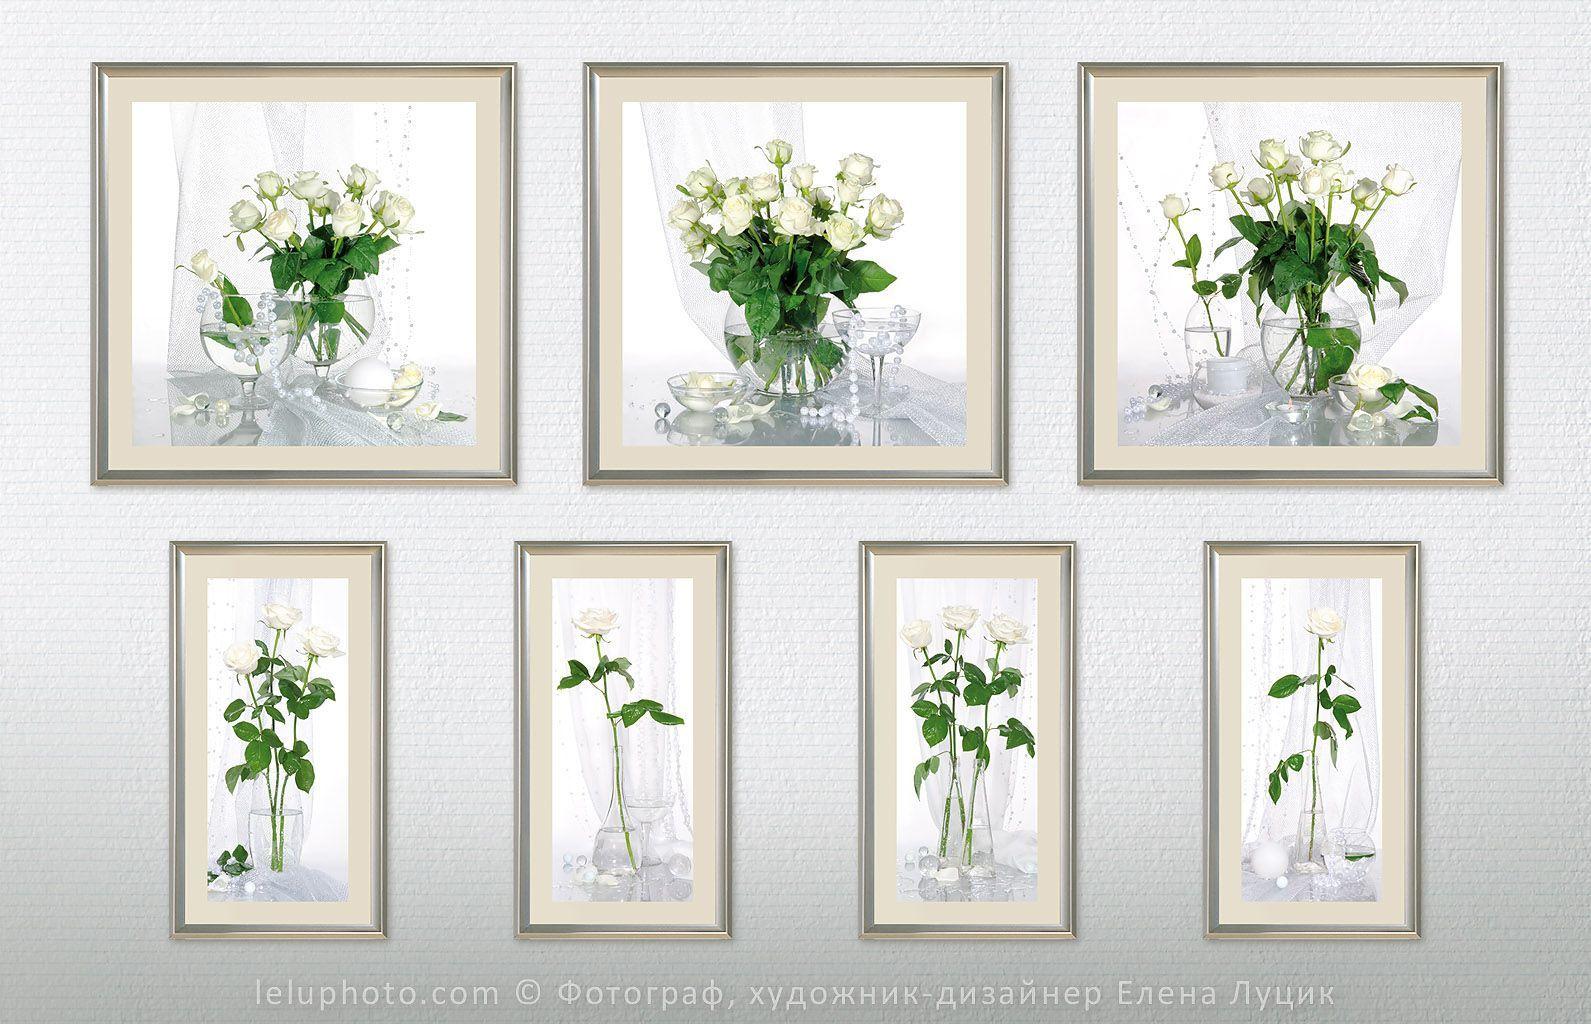 Серия натюрмортов для оформления интерьера «Белые розы»